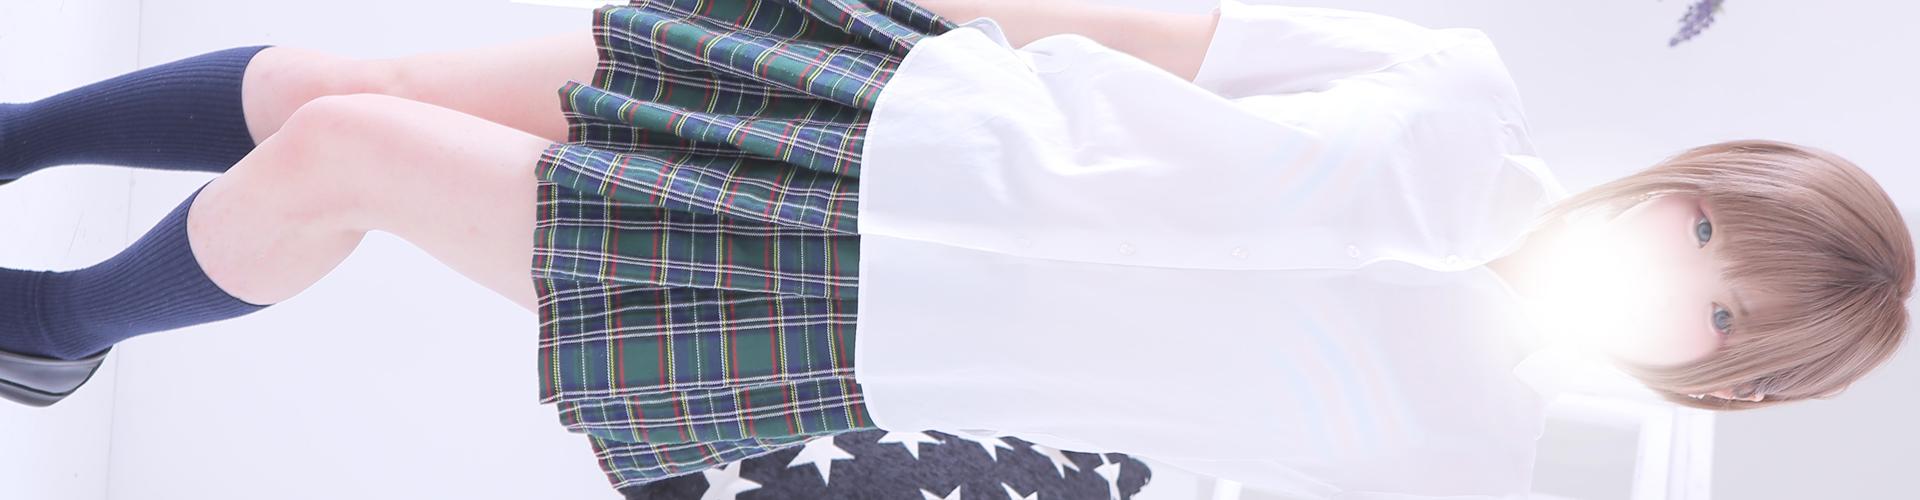 錦糸町デリヘル風俗|錦糸町 小岩 デリバリーヘルス【キャンパスサミット錦糸町店】モデルつばさ写真